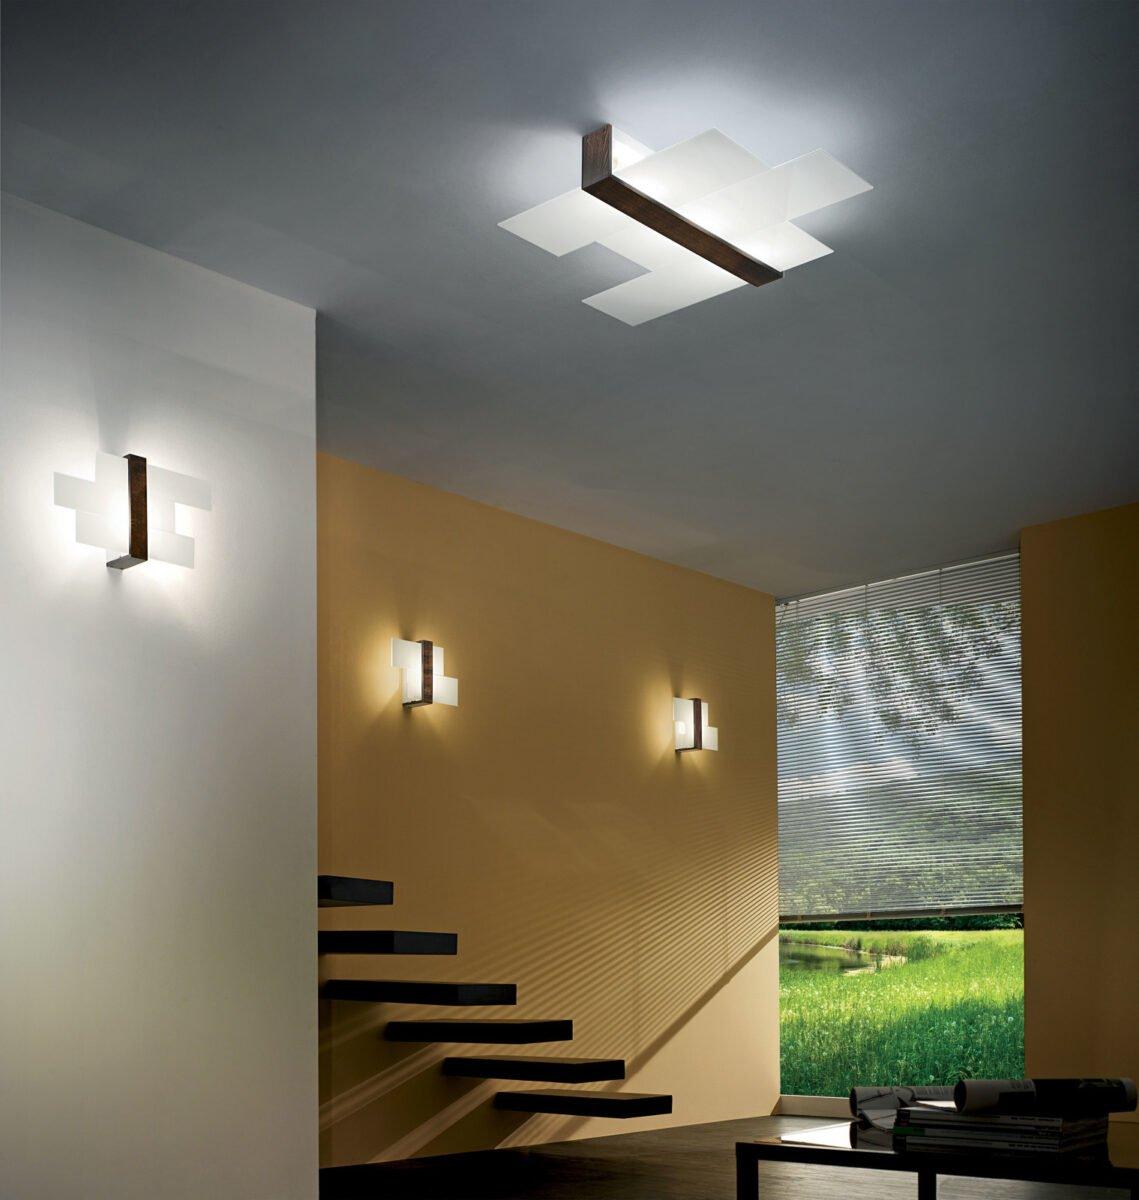 come-illuminare-le-scale-in-casa-18